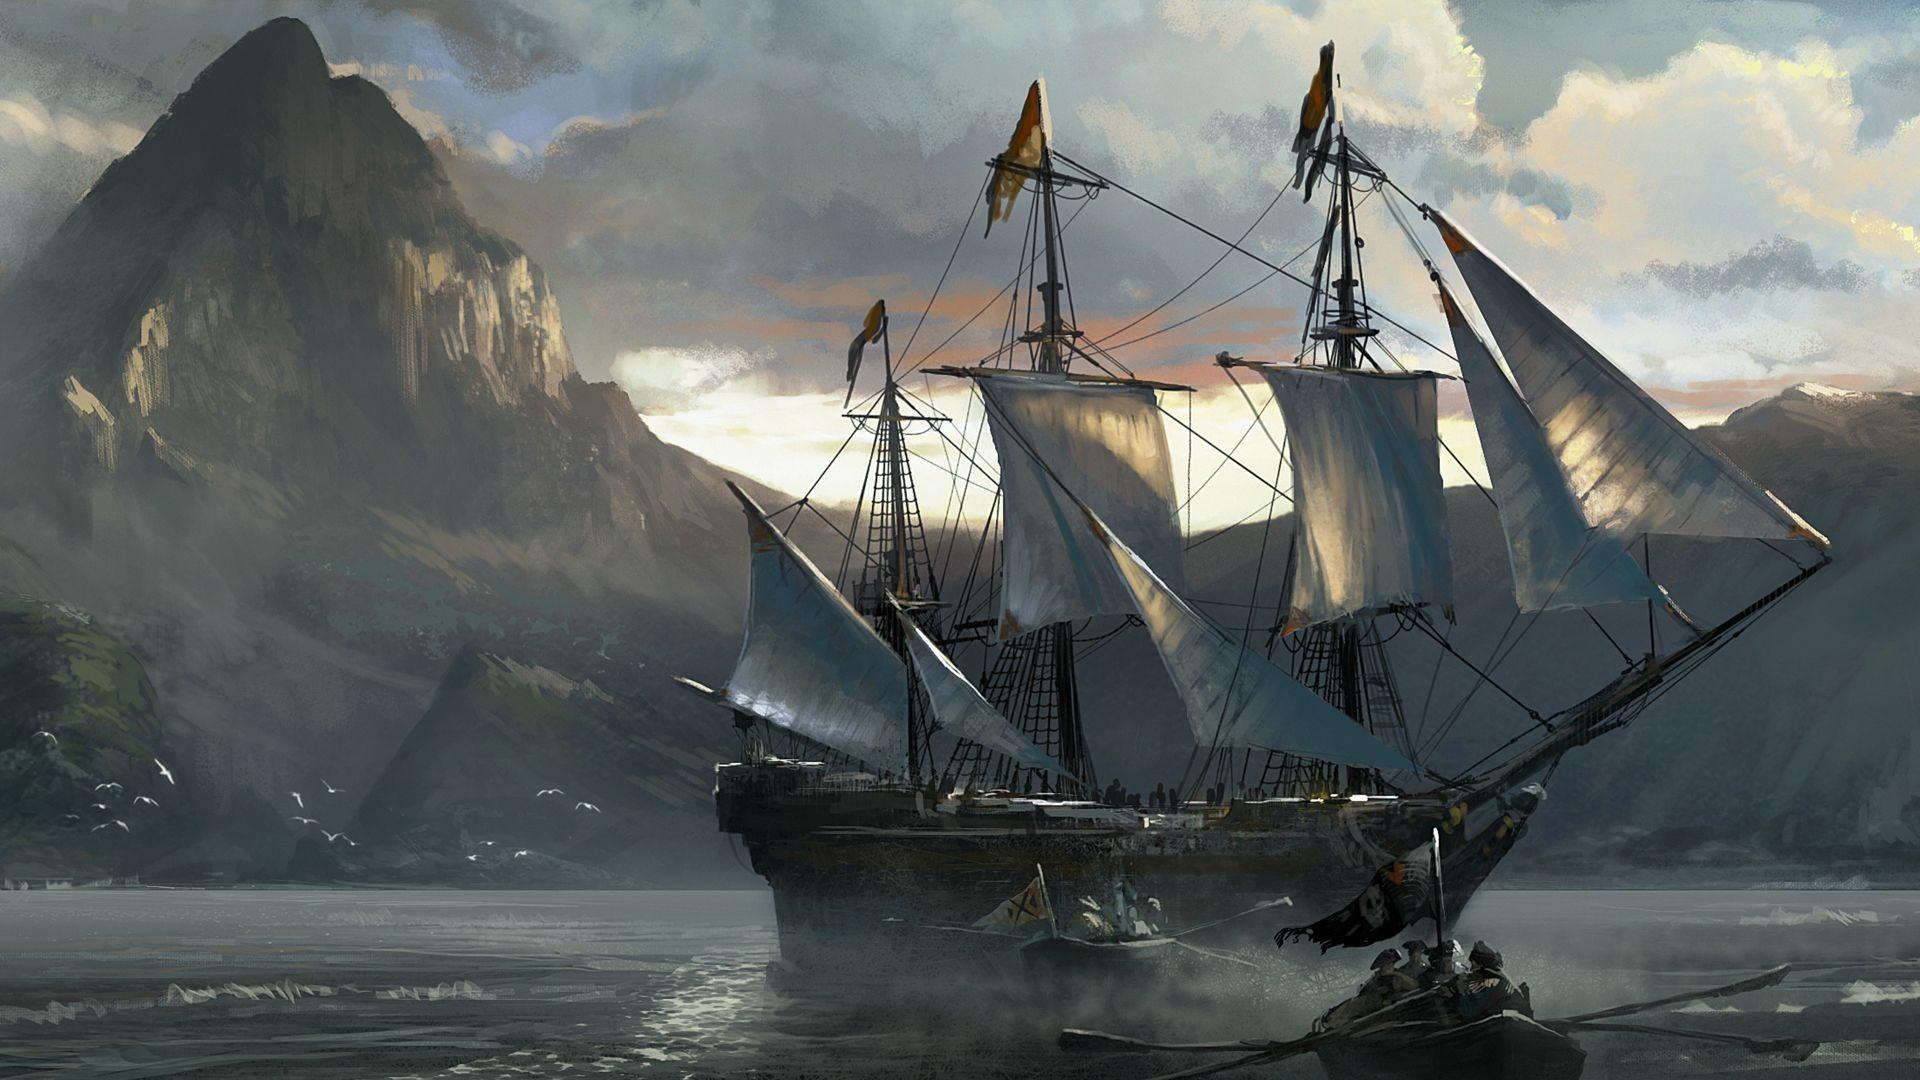 Hd Pirate Ship Wallpaper